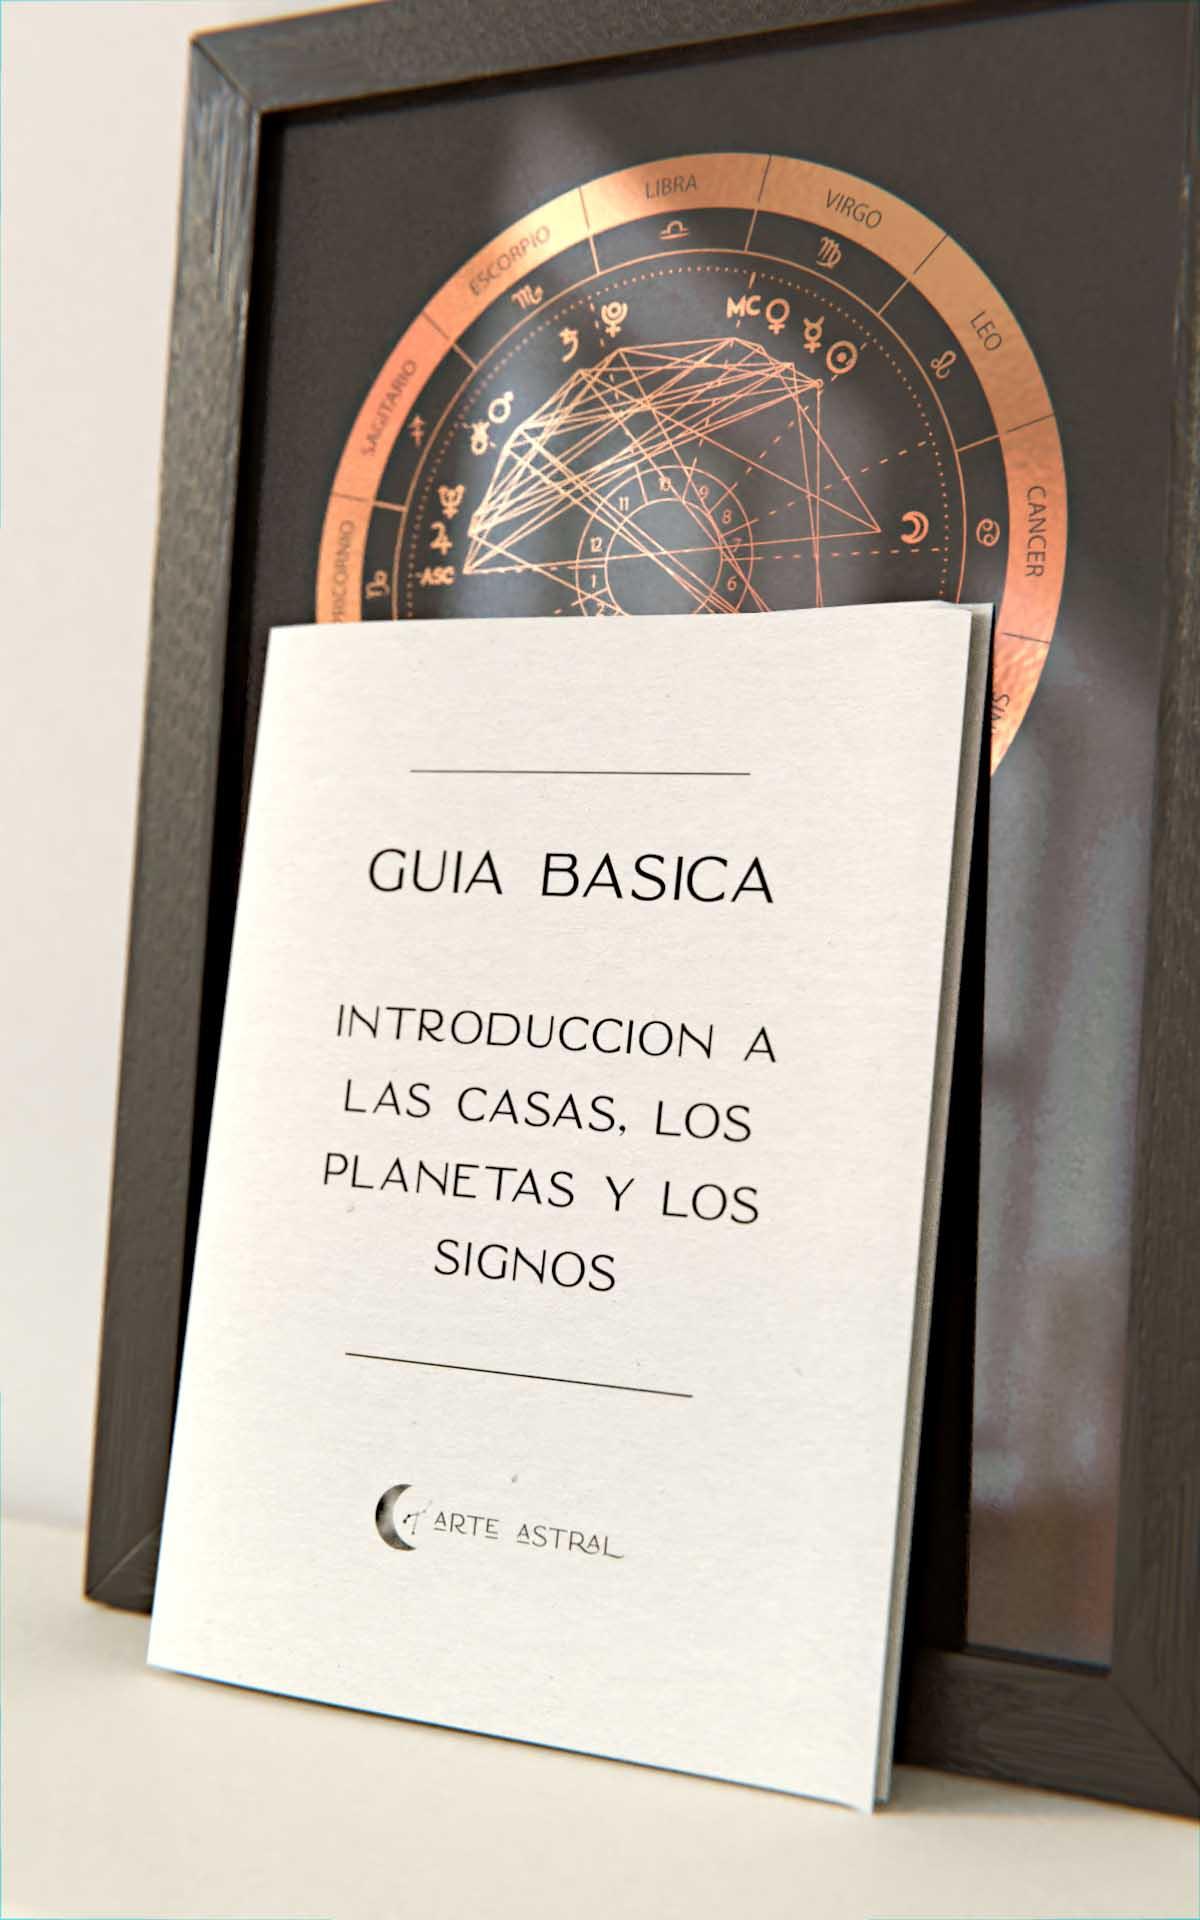 Arte Astral - Guia Basica Introduccion a las casas los planetas y los signos